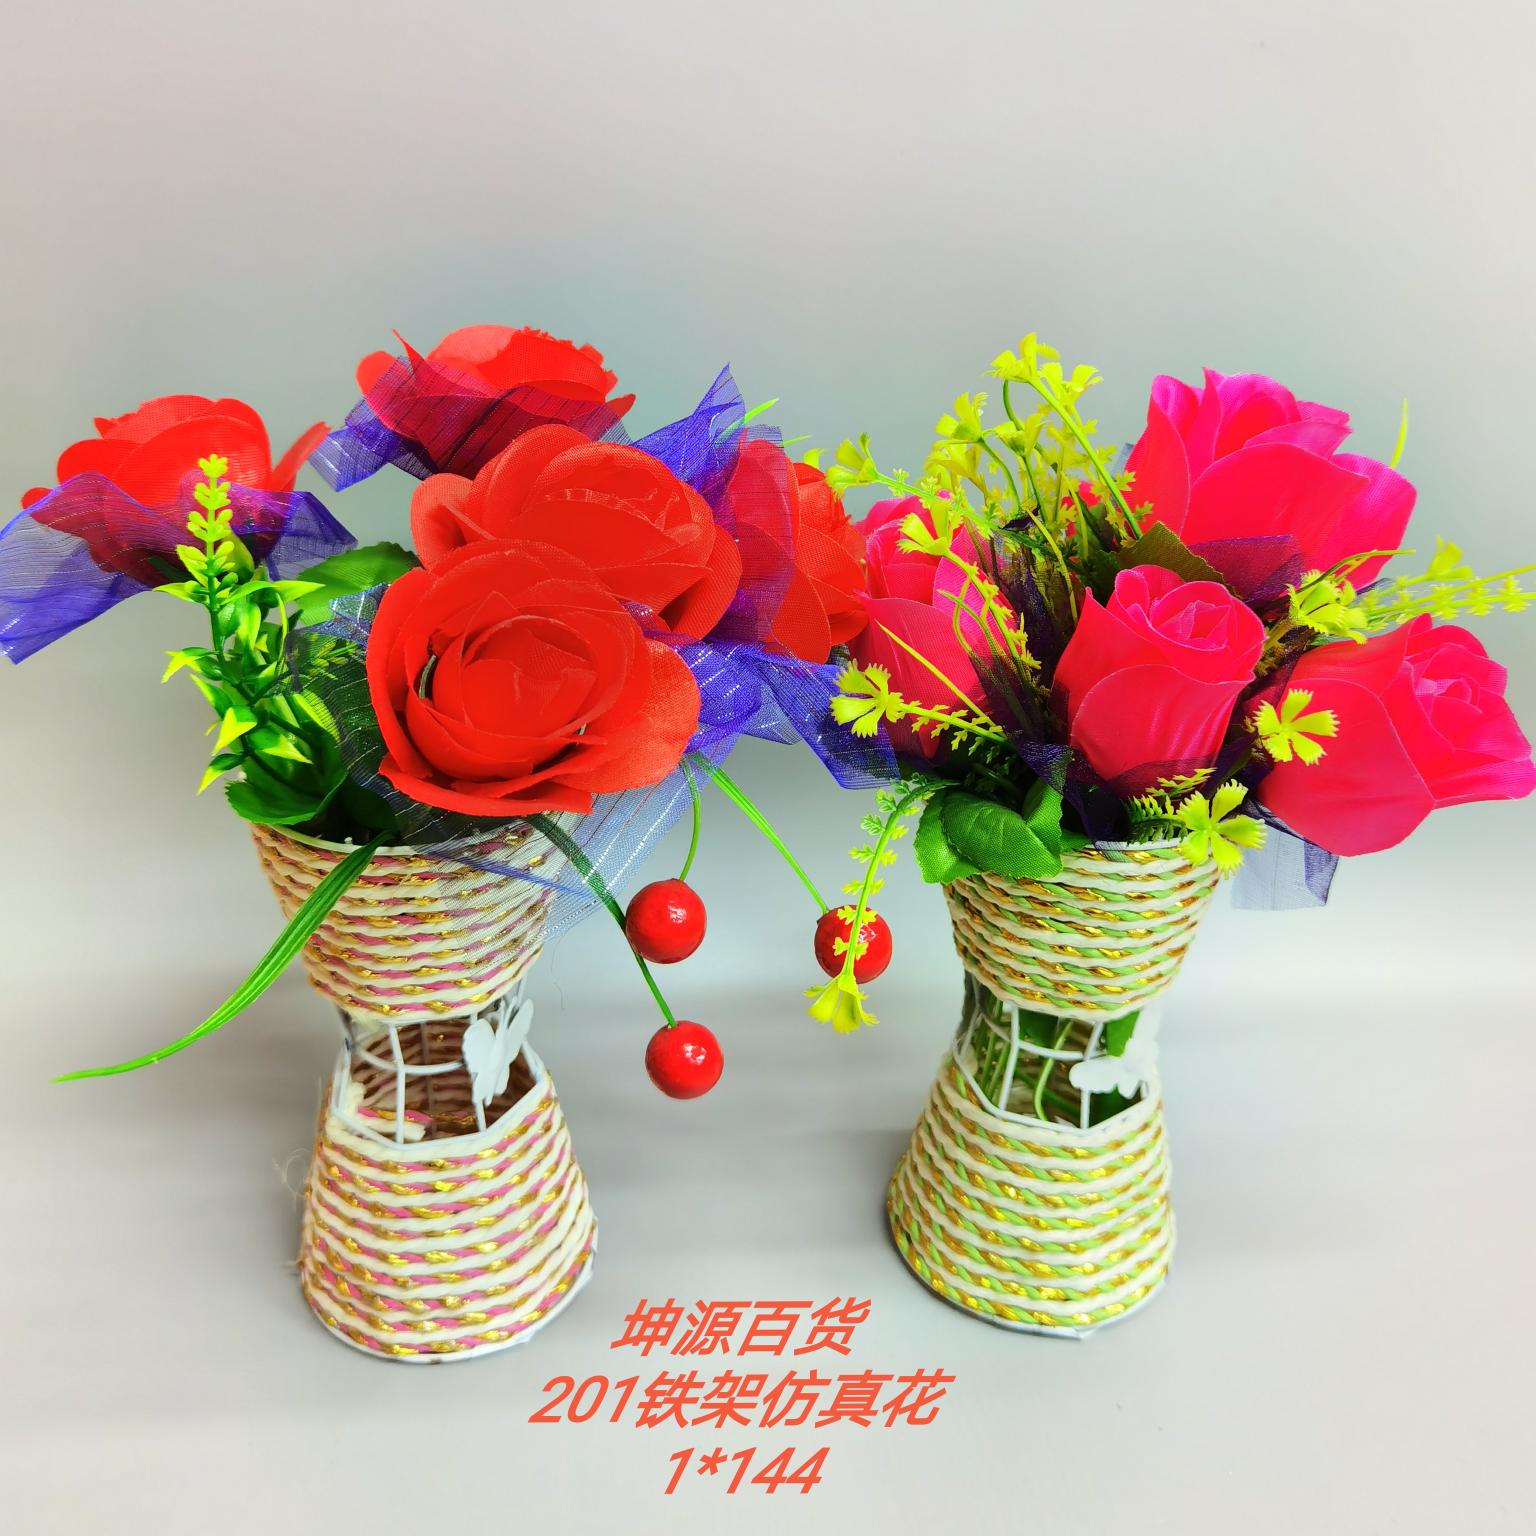 仿真玫瑰花假花摆设干花花束婚庆家居客厅餐桌摆花装饰花艺摆件